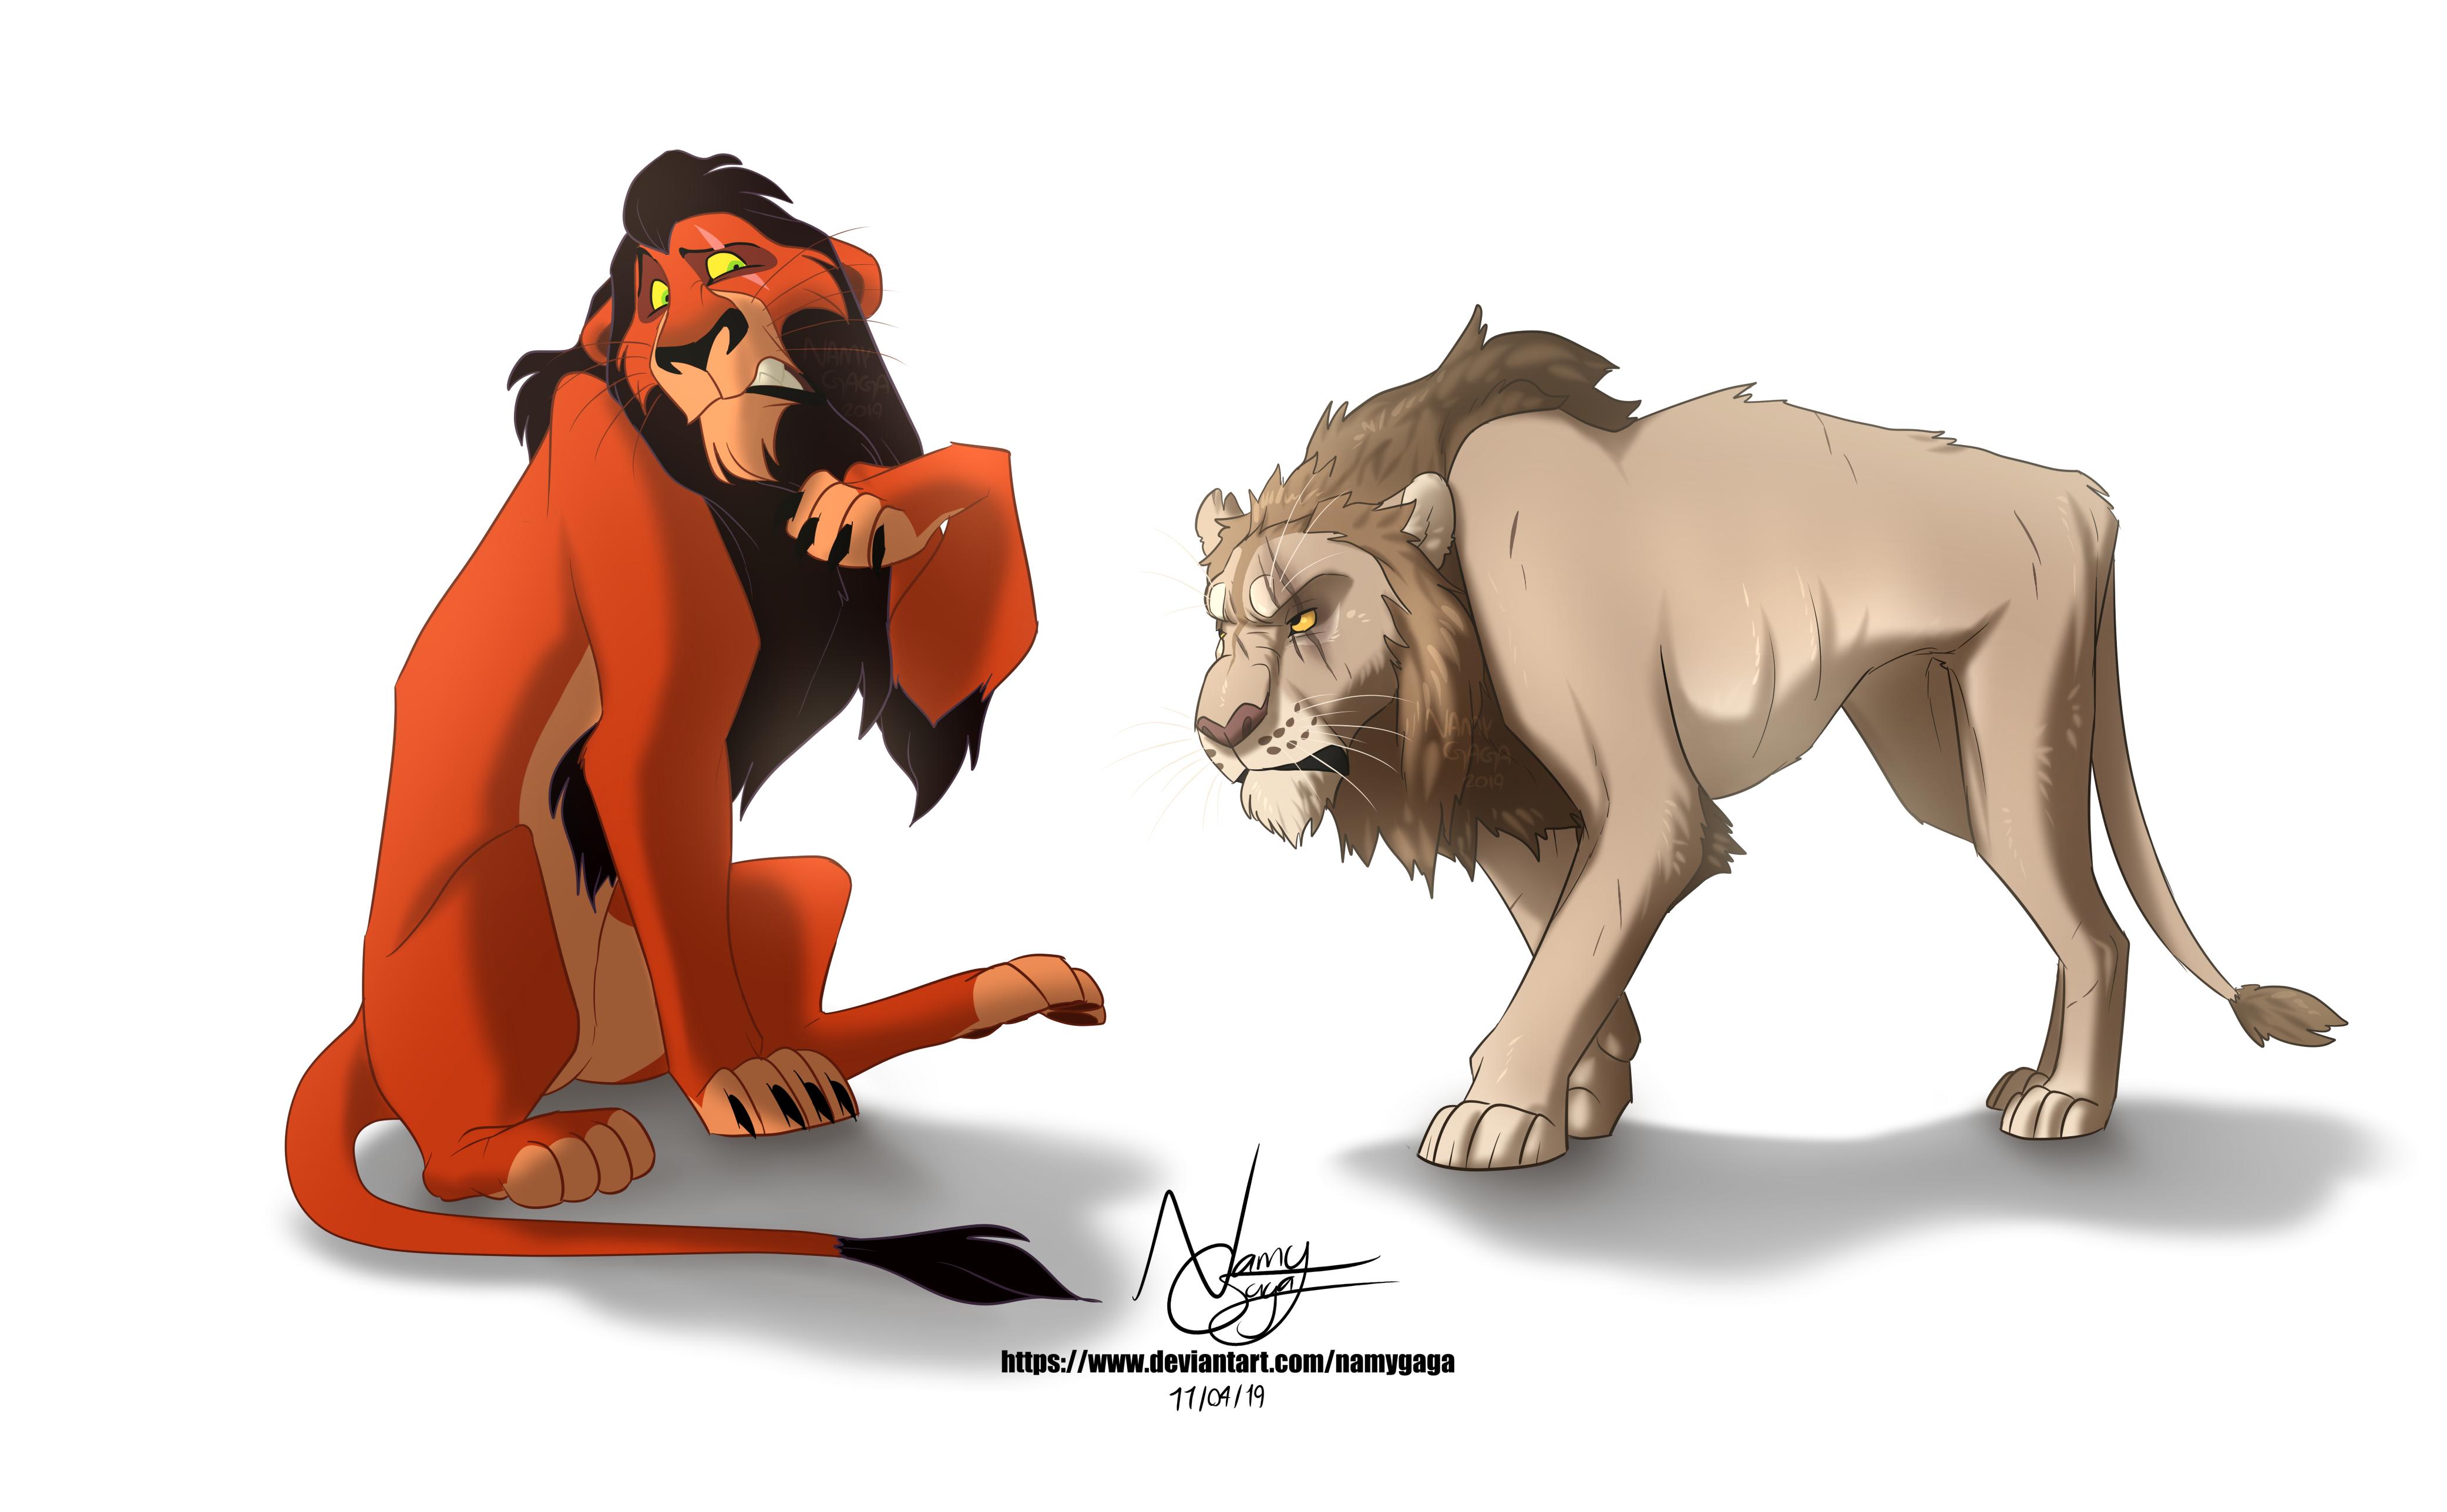 Scar VS Scar